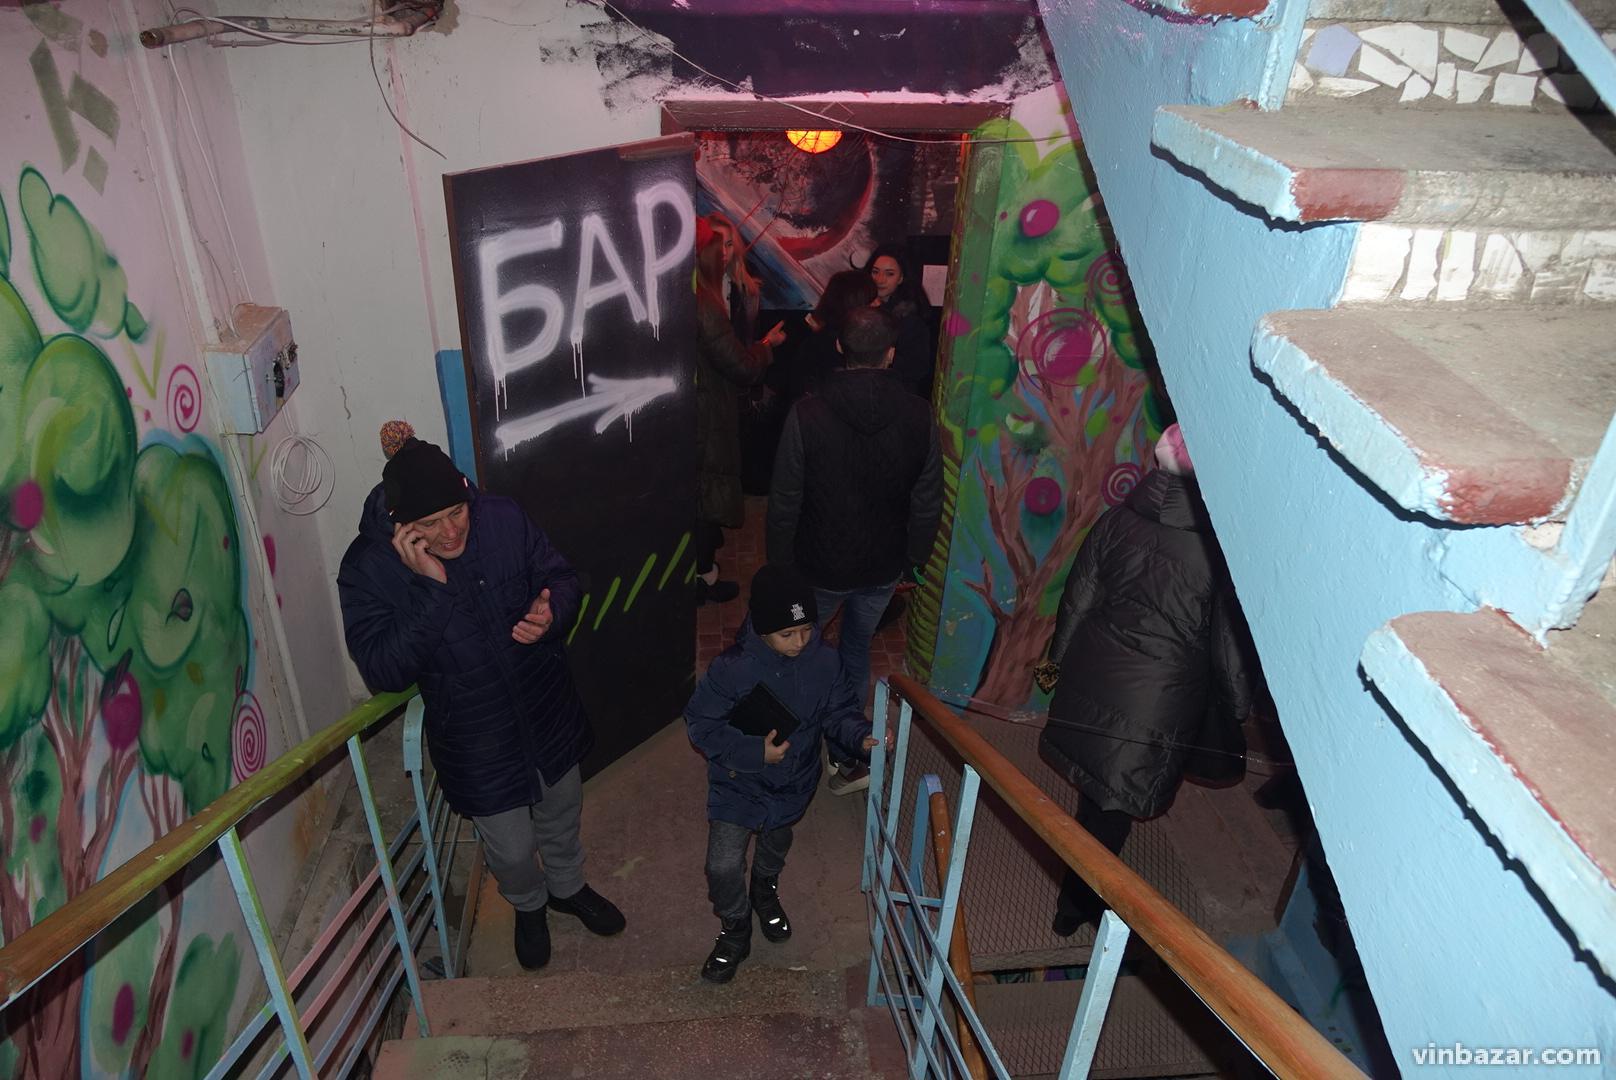 Гогольфест у Вінниці: сучасне мистецтво захопило завод